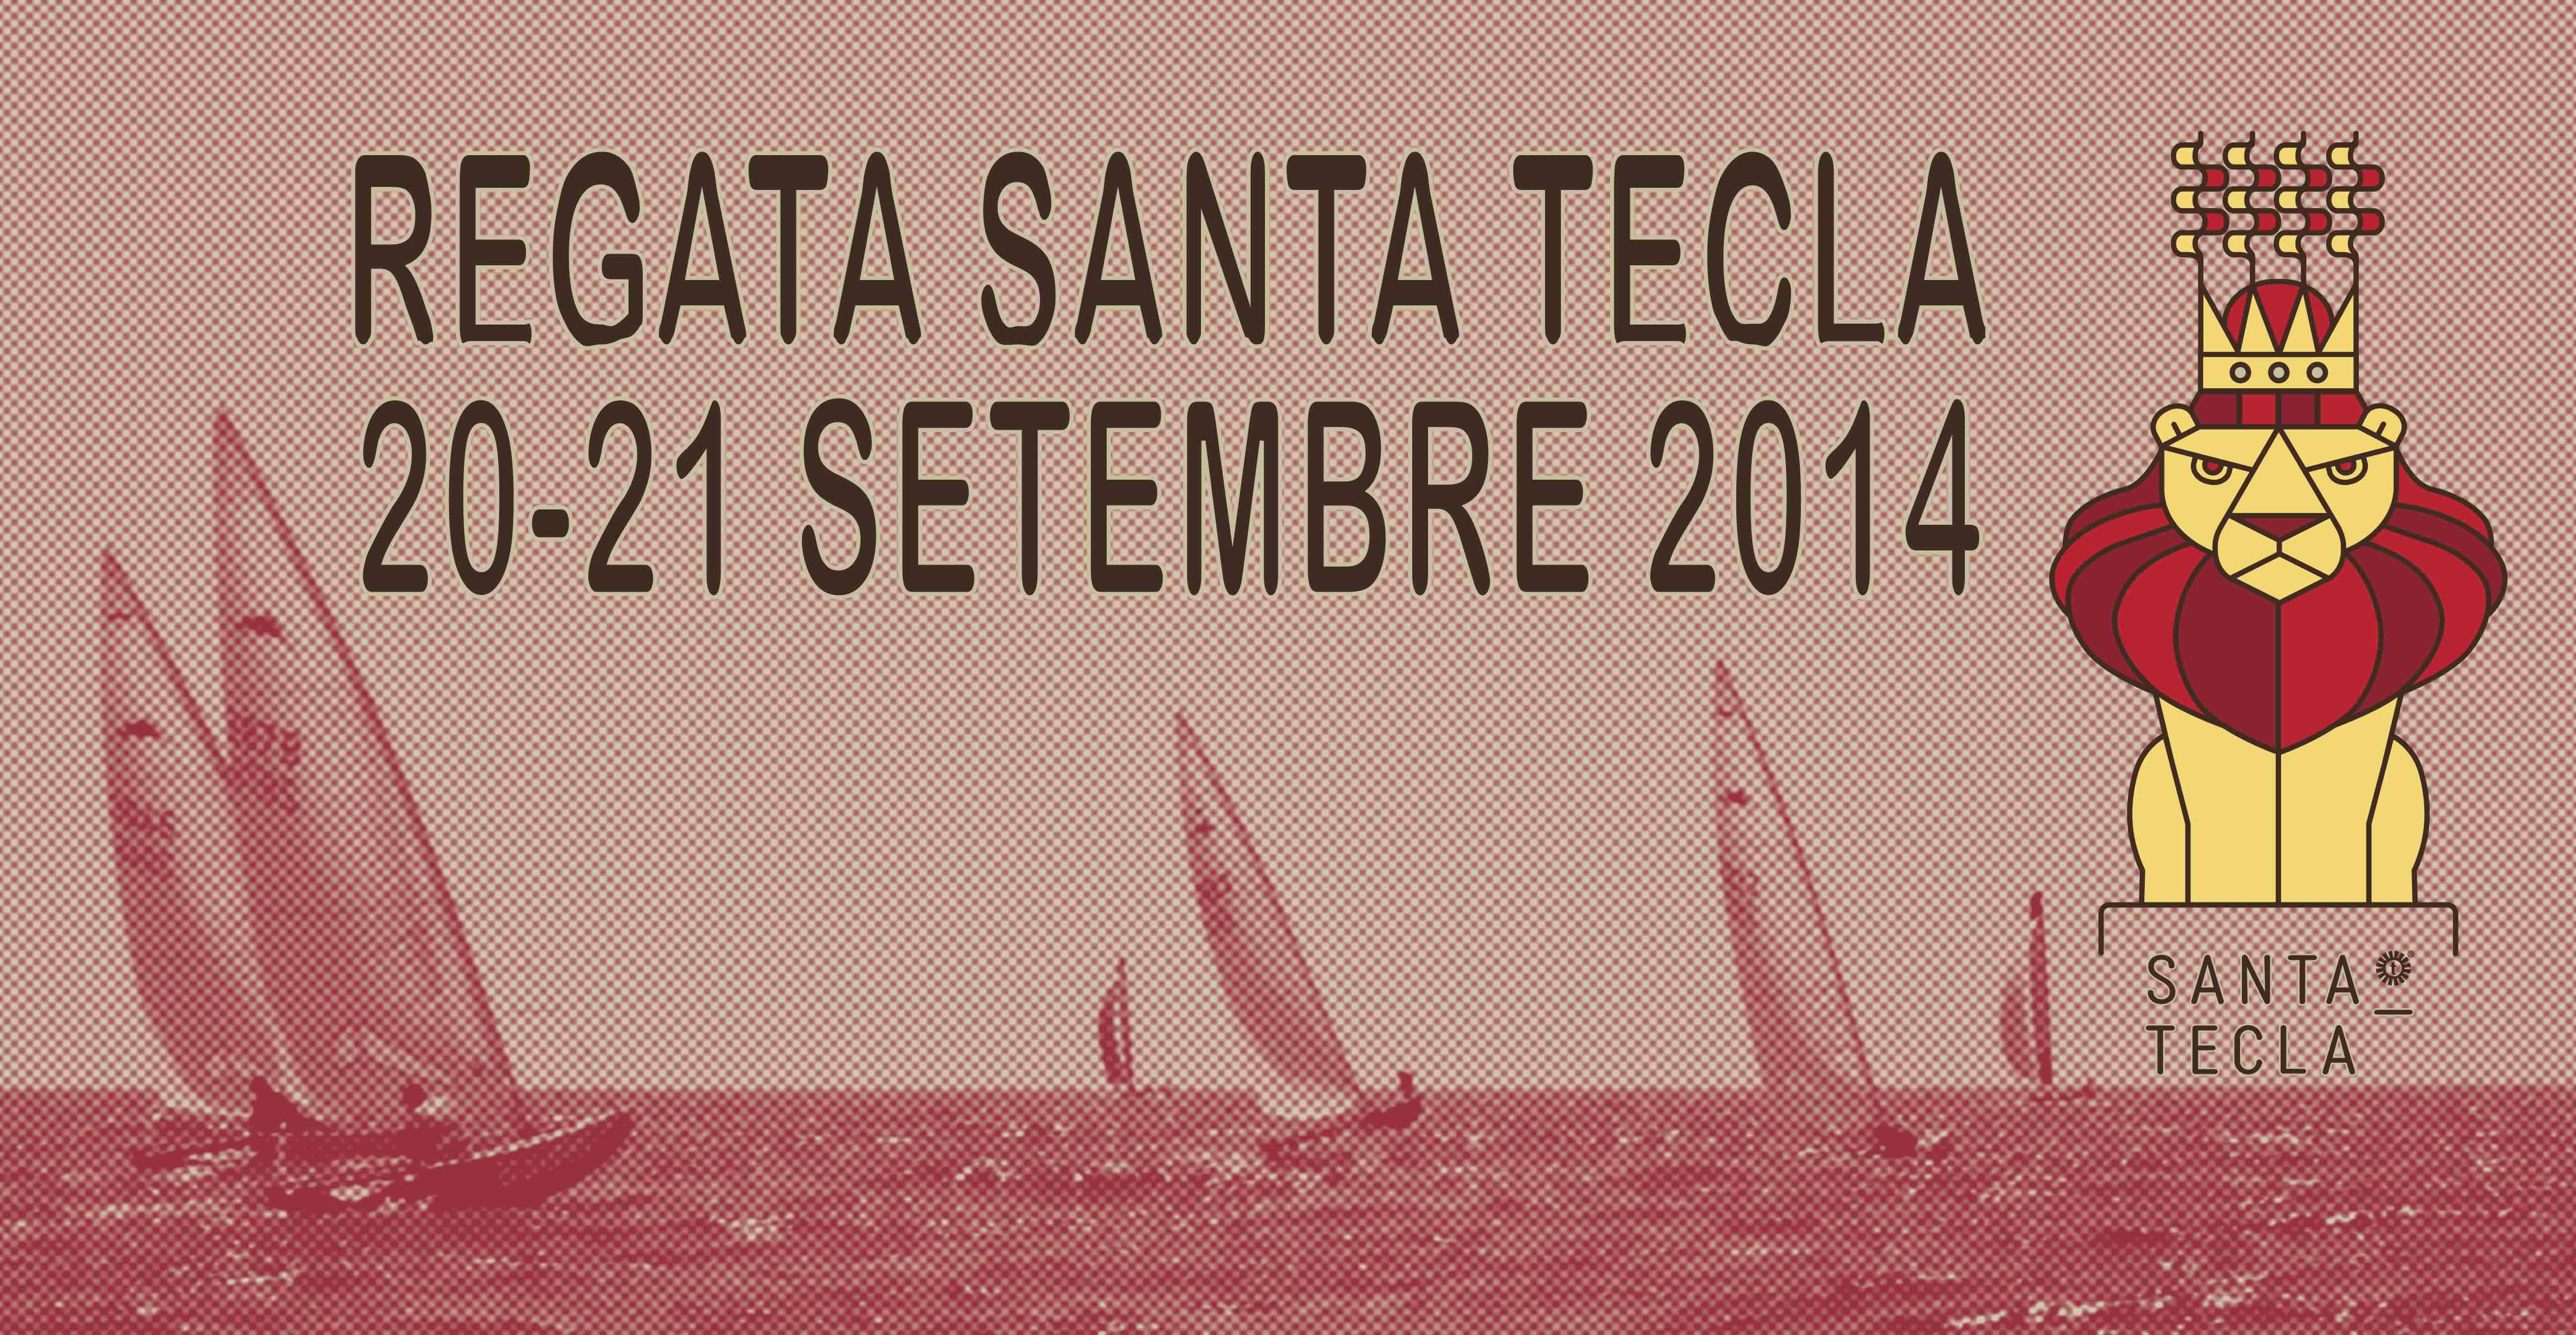 Regata Santa tecla 2014